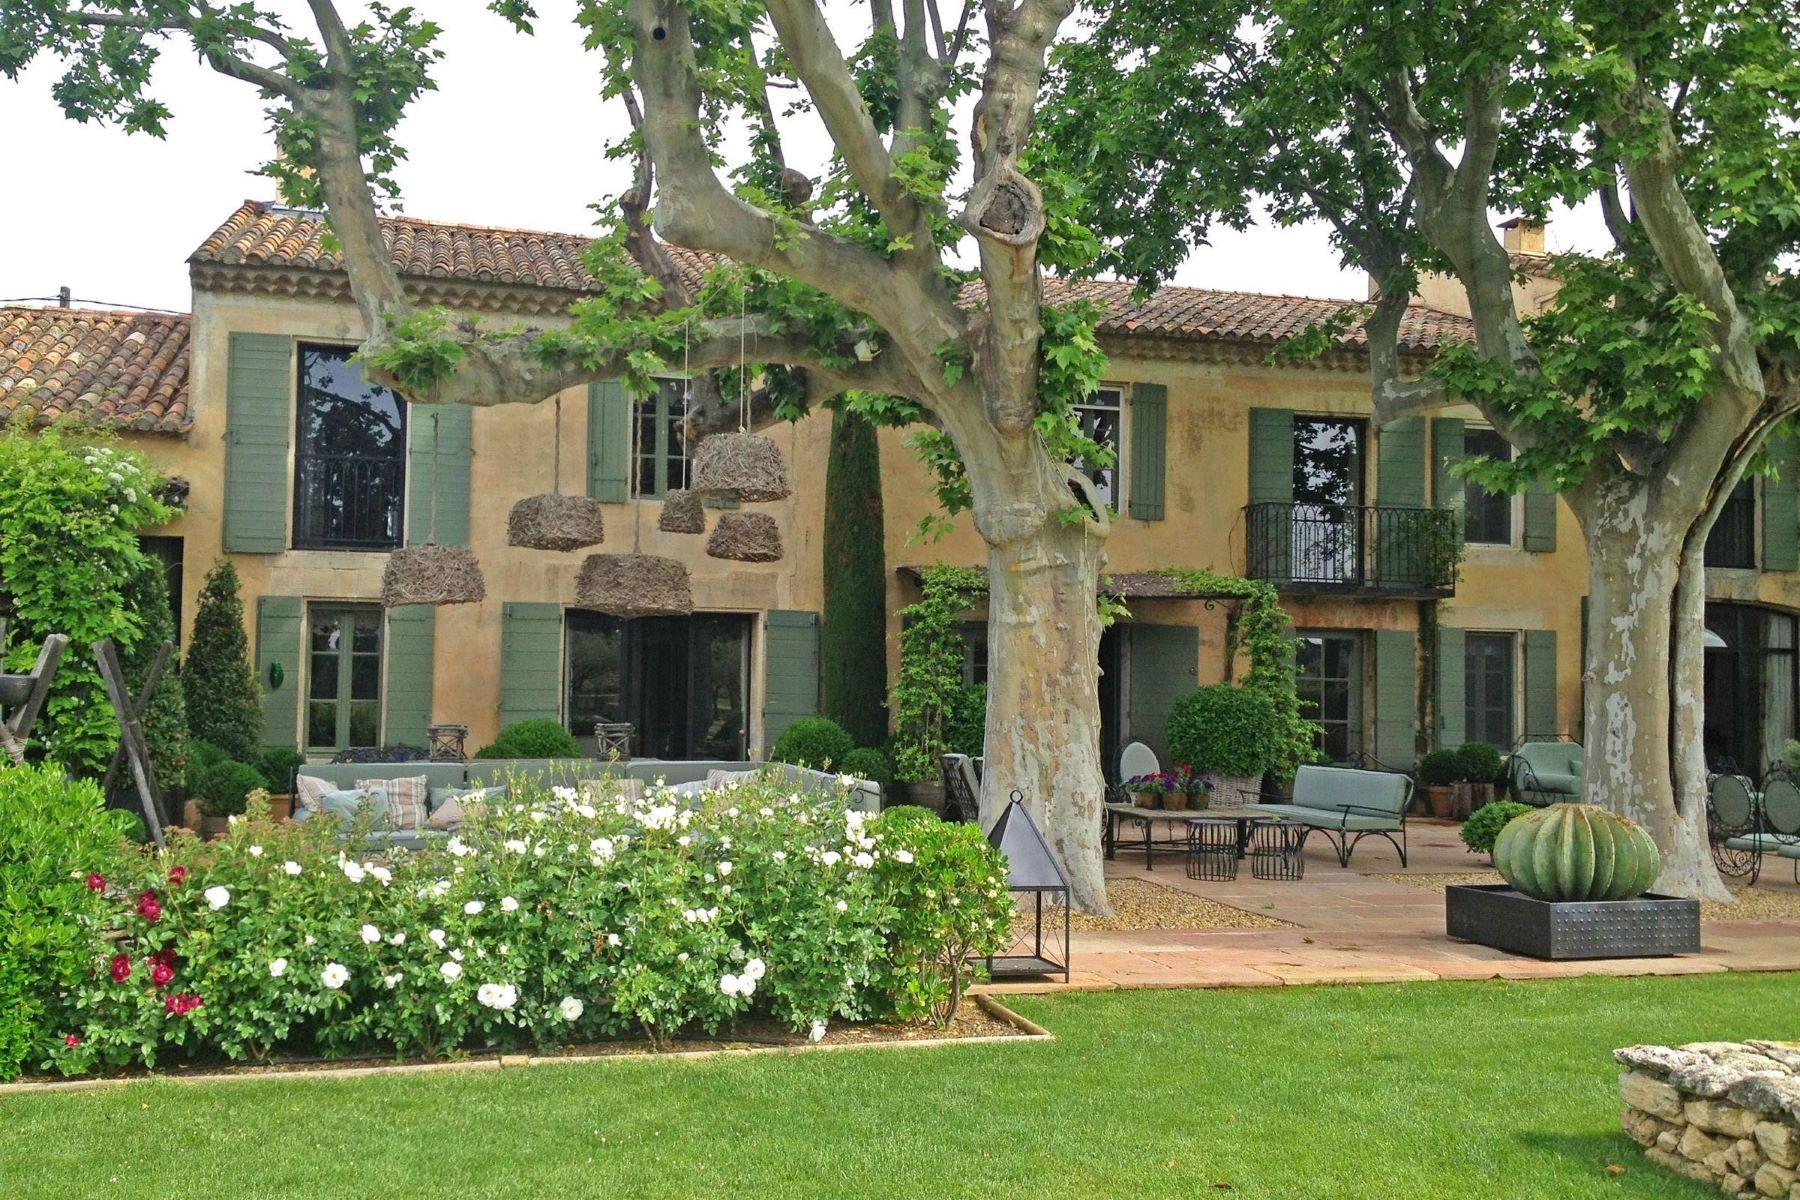 Single Family Homes por un Venta en luxurious typical provencal farmhouse close to st remy de provence Eygalieres, Provincia - Alpes - Costa Azul 13810 Francia